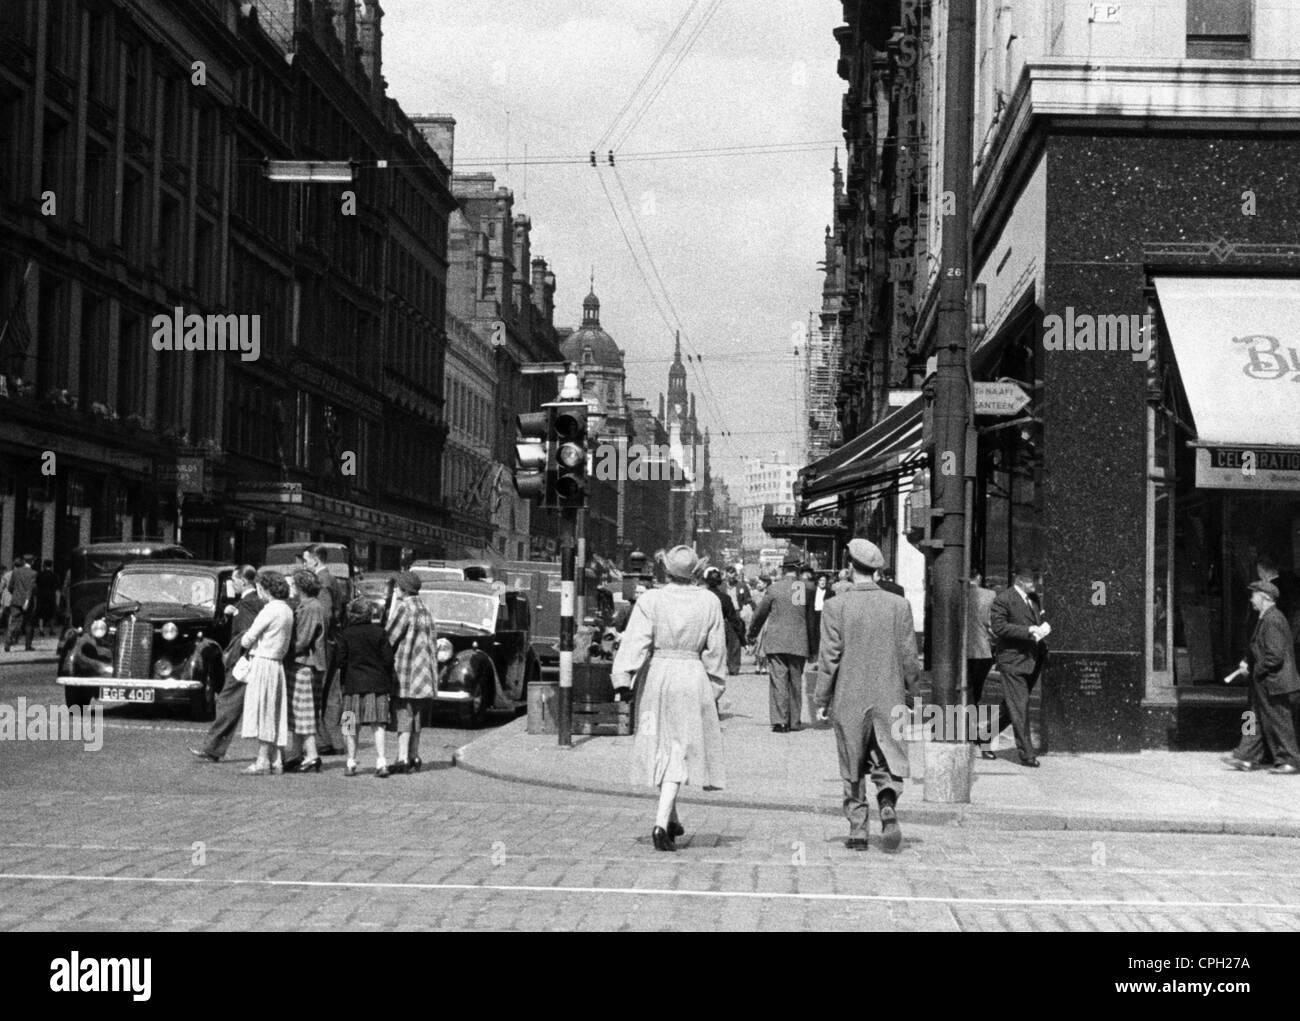 Geografía / viajes, Gran Bretaña, Glasgow, escenas callejeras, Buchanan Street, circa 1950, 40s, 40s, Imagen De Stock